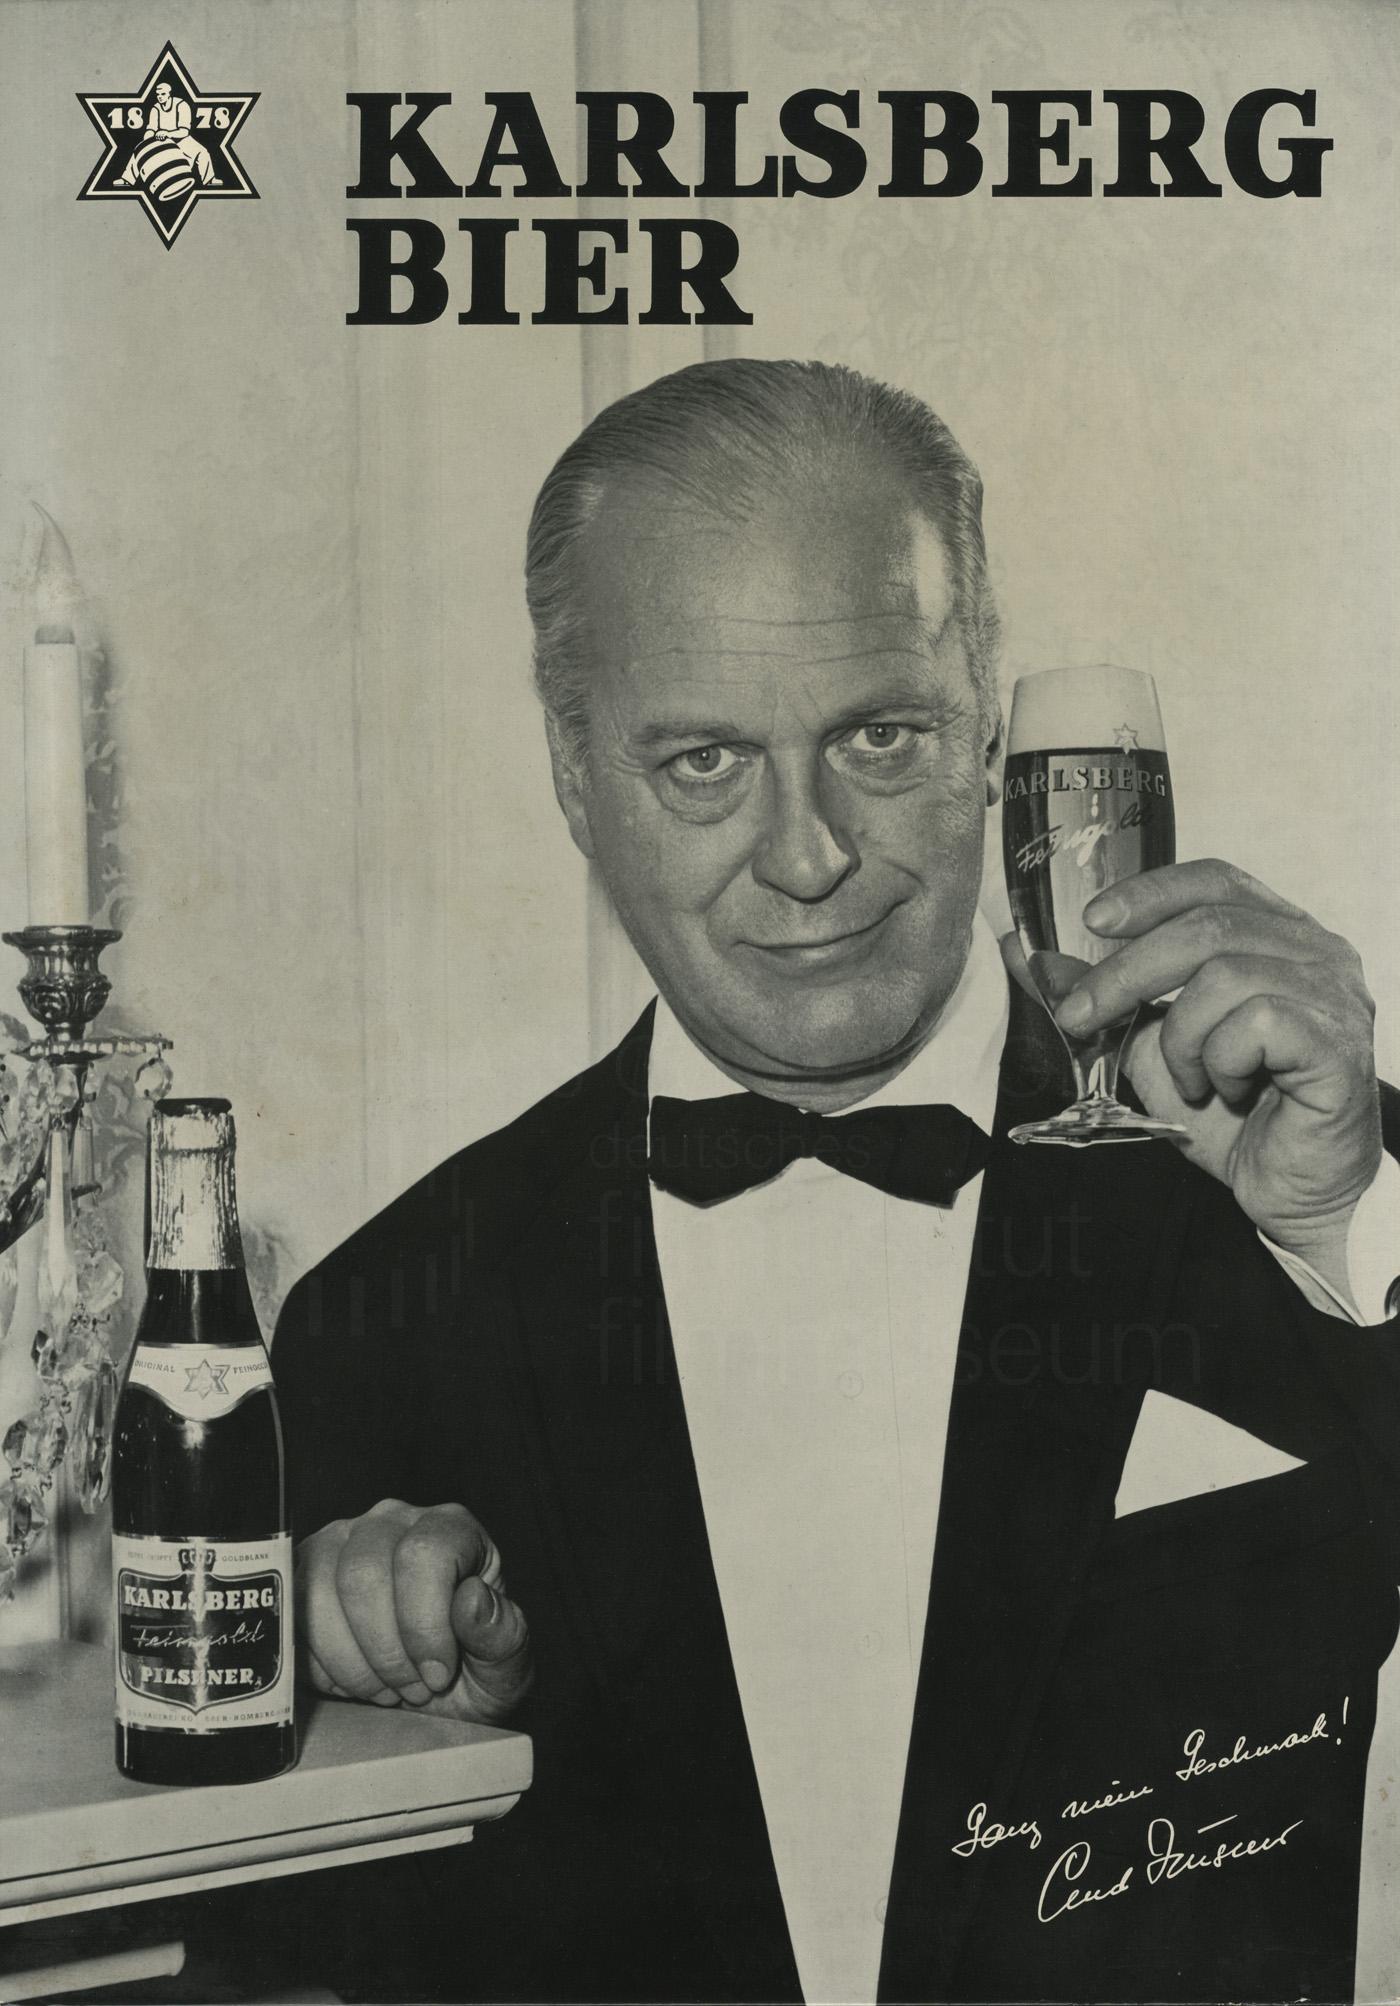 Werbung für Karlsberg Bier, 1960er Jahre